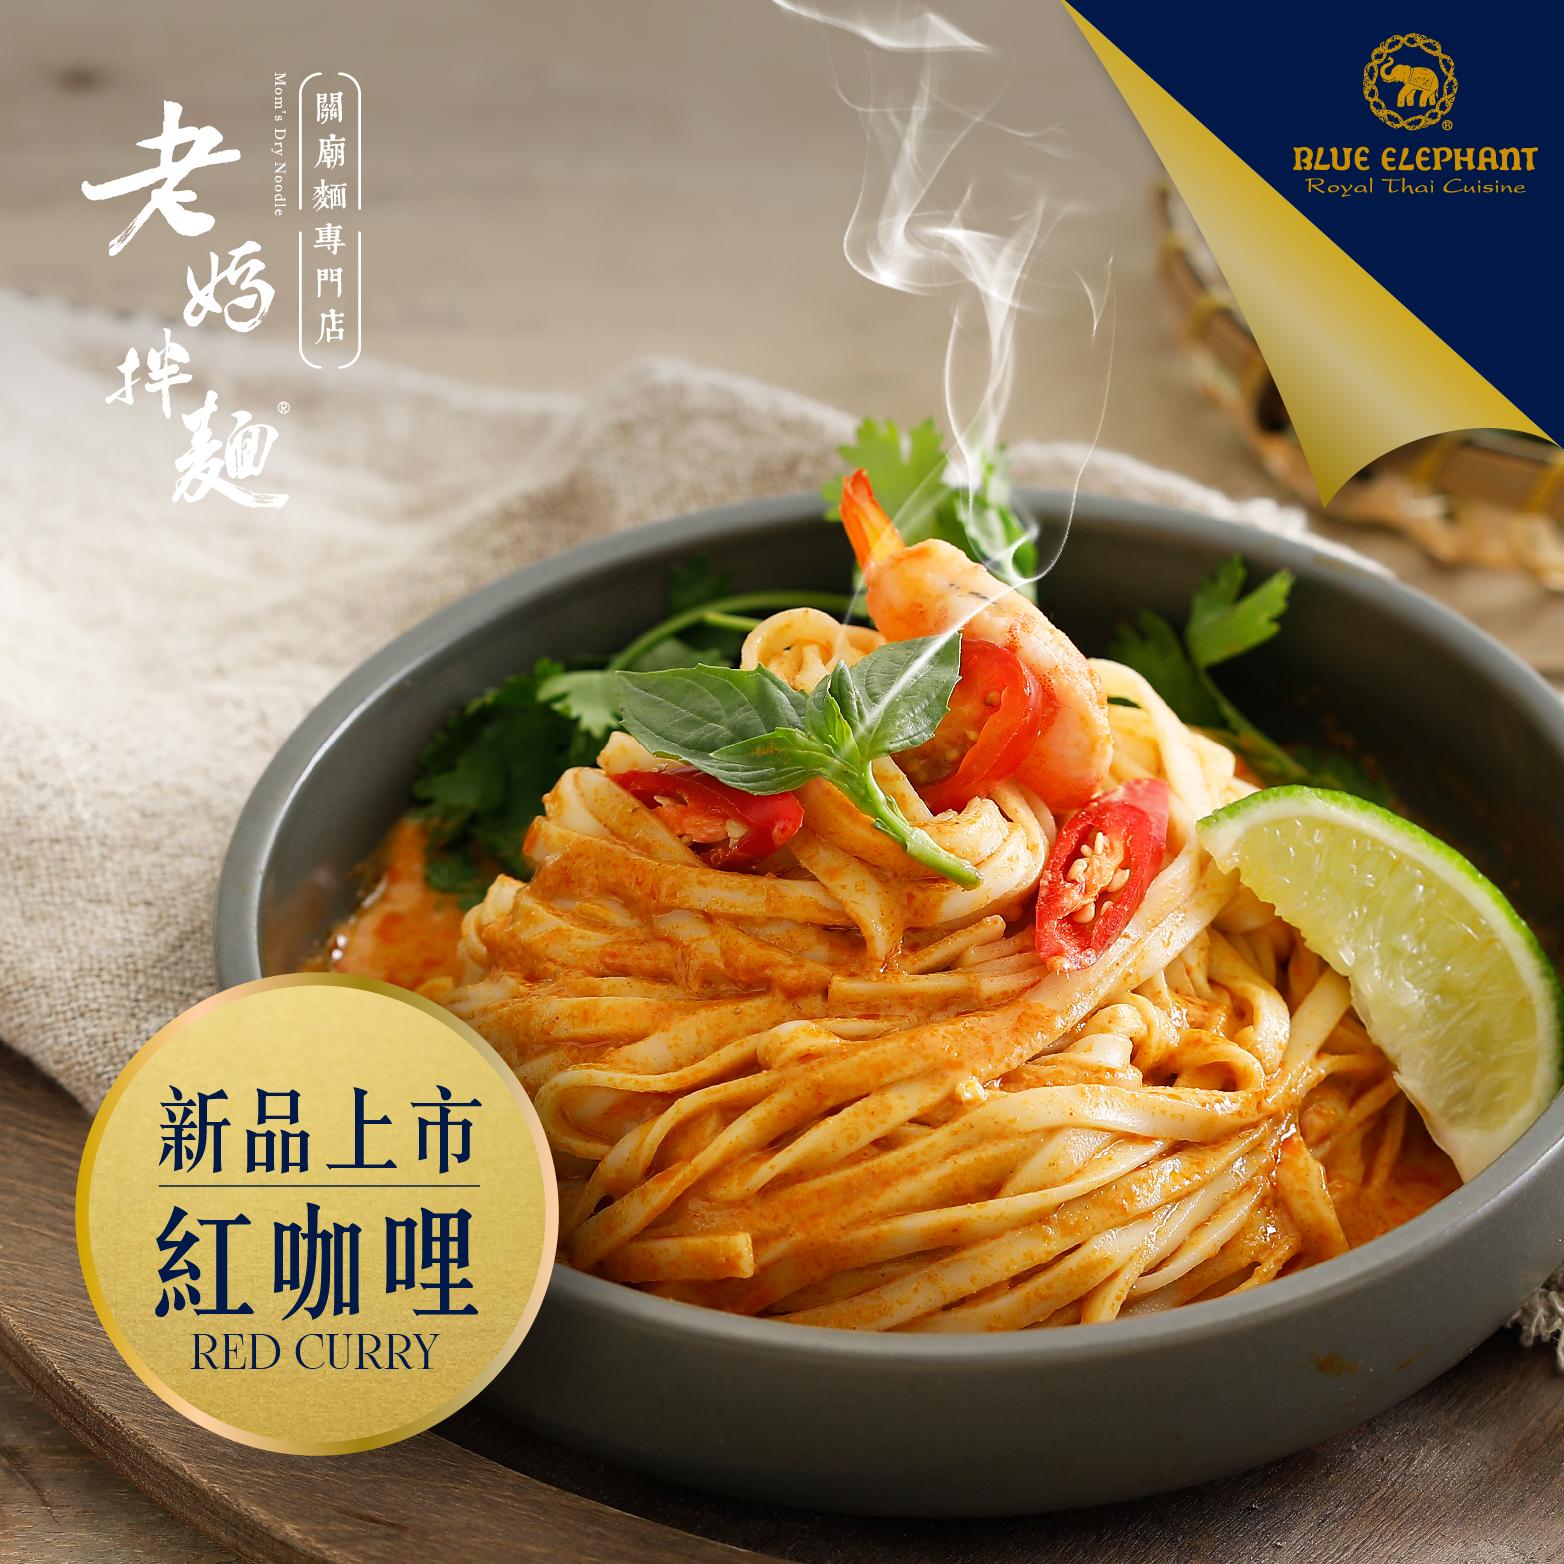 泰國米其林皇家料理藍象餐廳聯名醬料